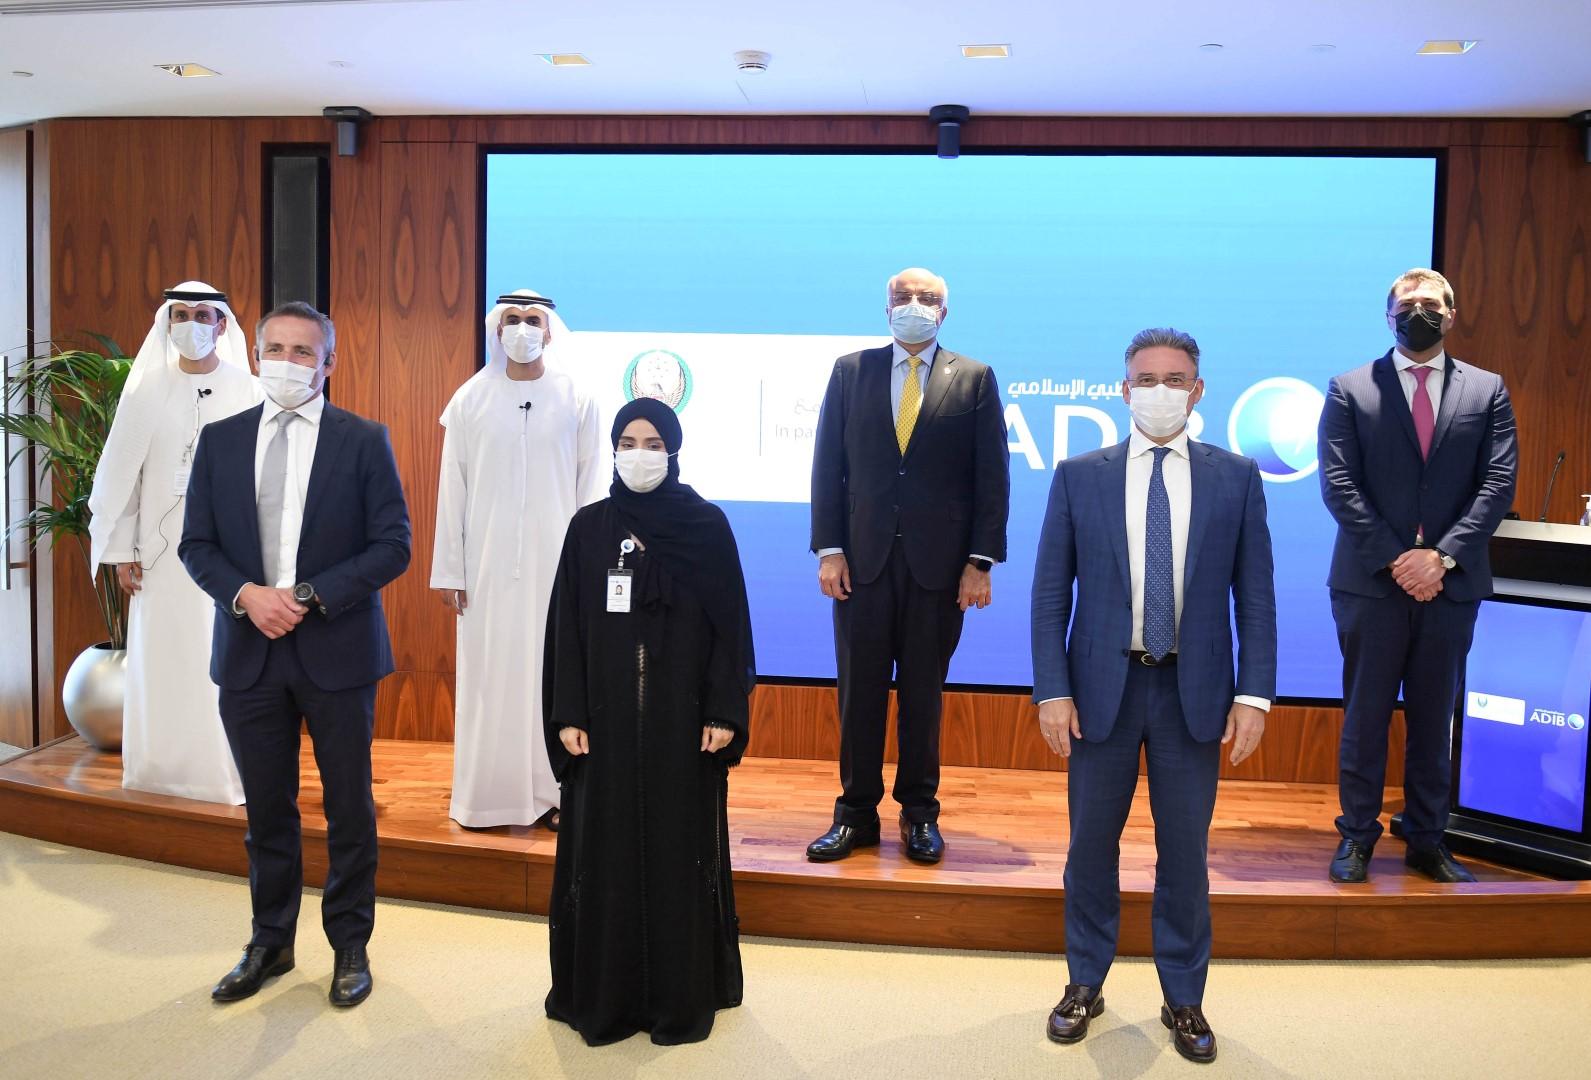 الإسلامي أول مصرف إماراتي يتيح لعملائه خدمة التعرف على الوجه لفتح حساب بطريقة سريعة وآمنة.2 (large) (3).jpg